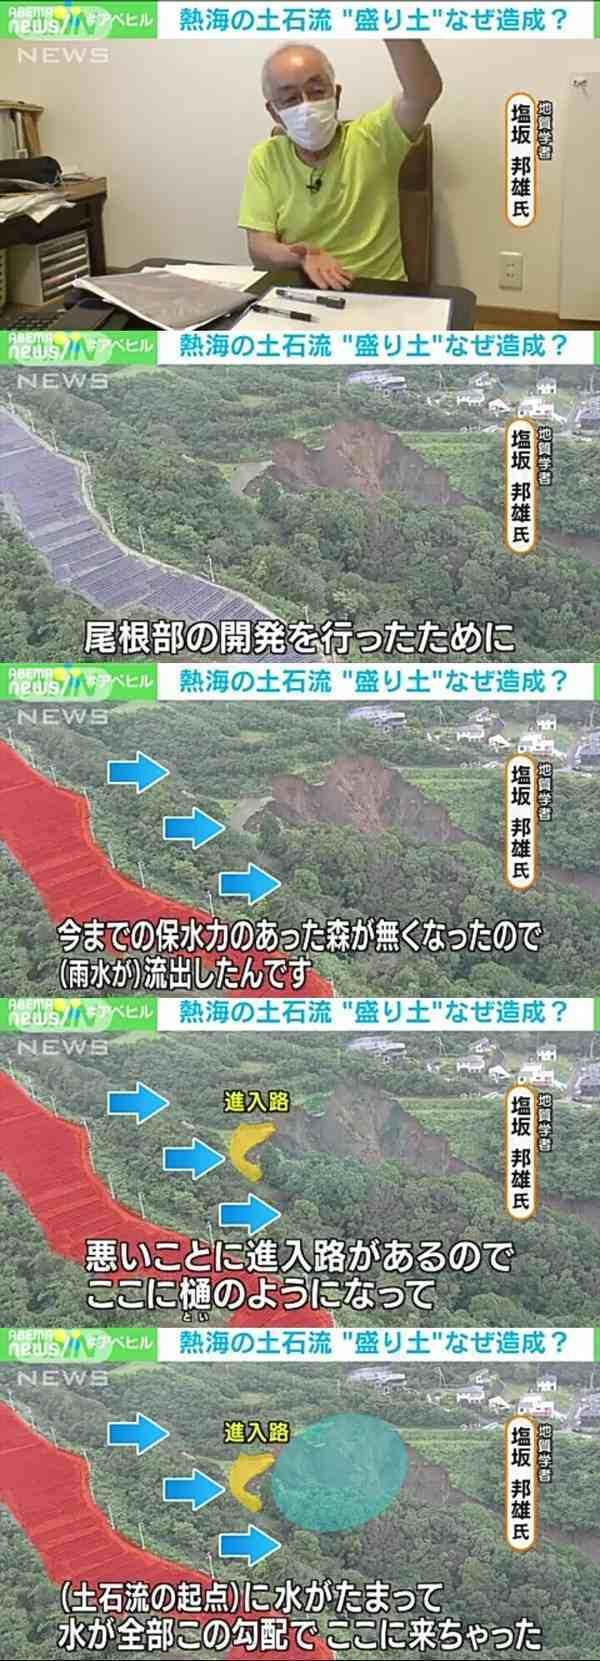 tvasahi-2107.jpg